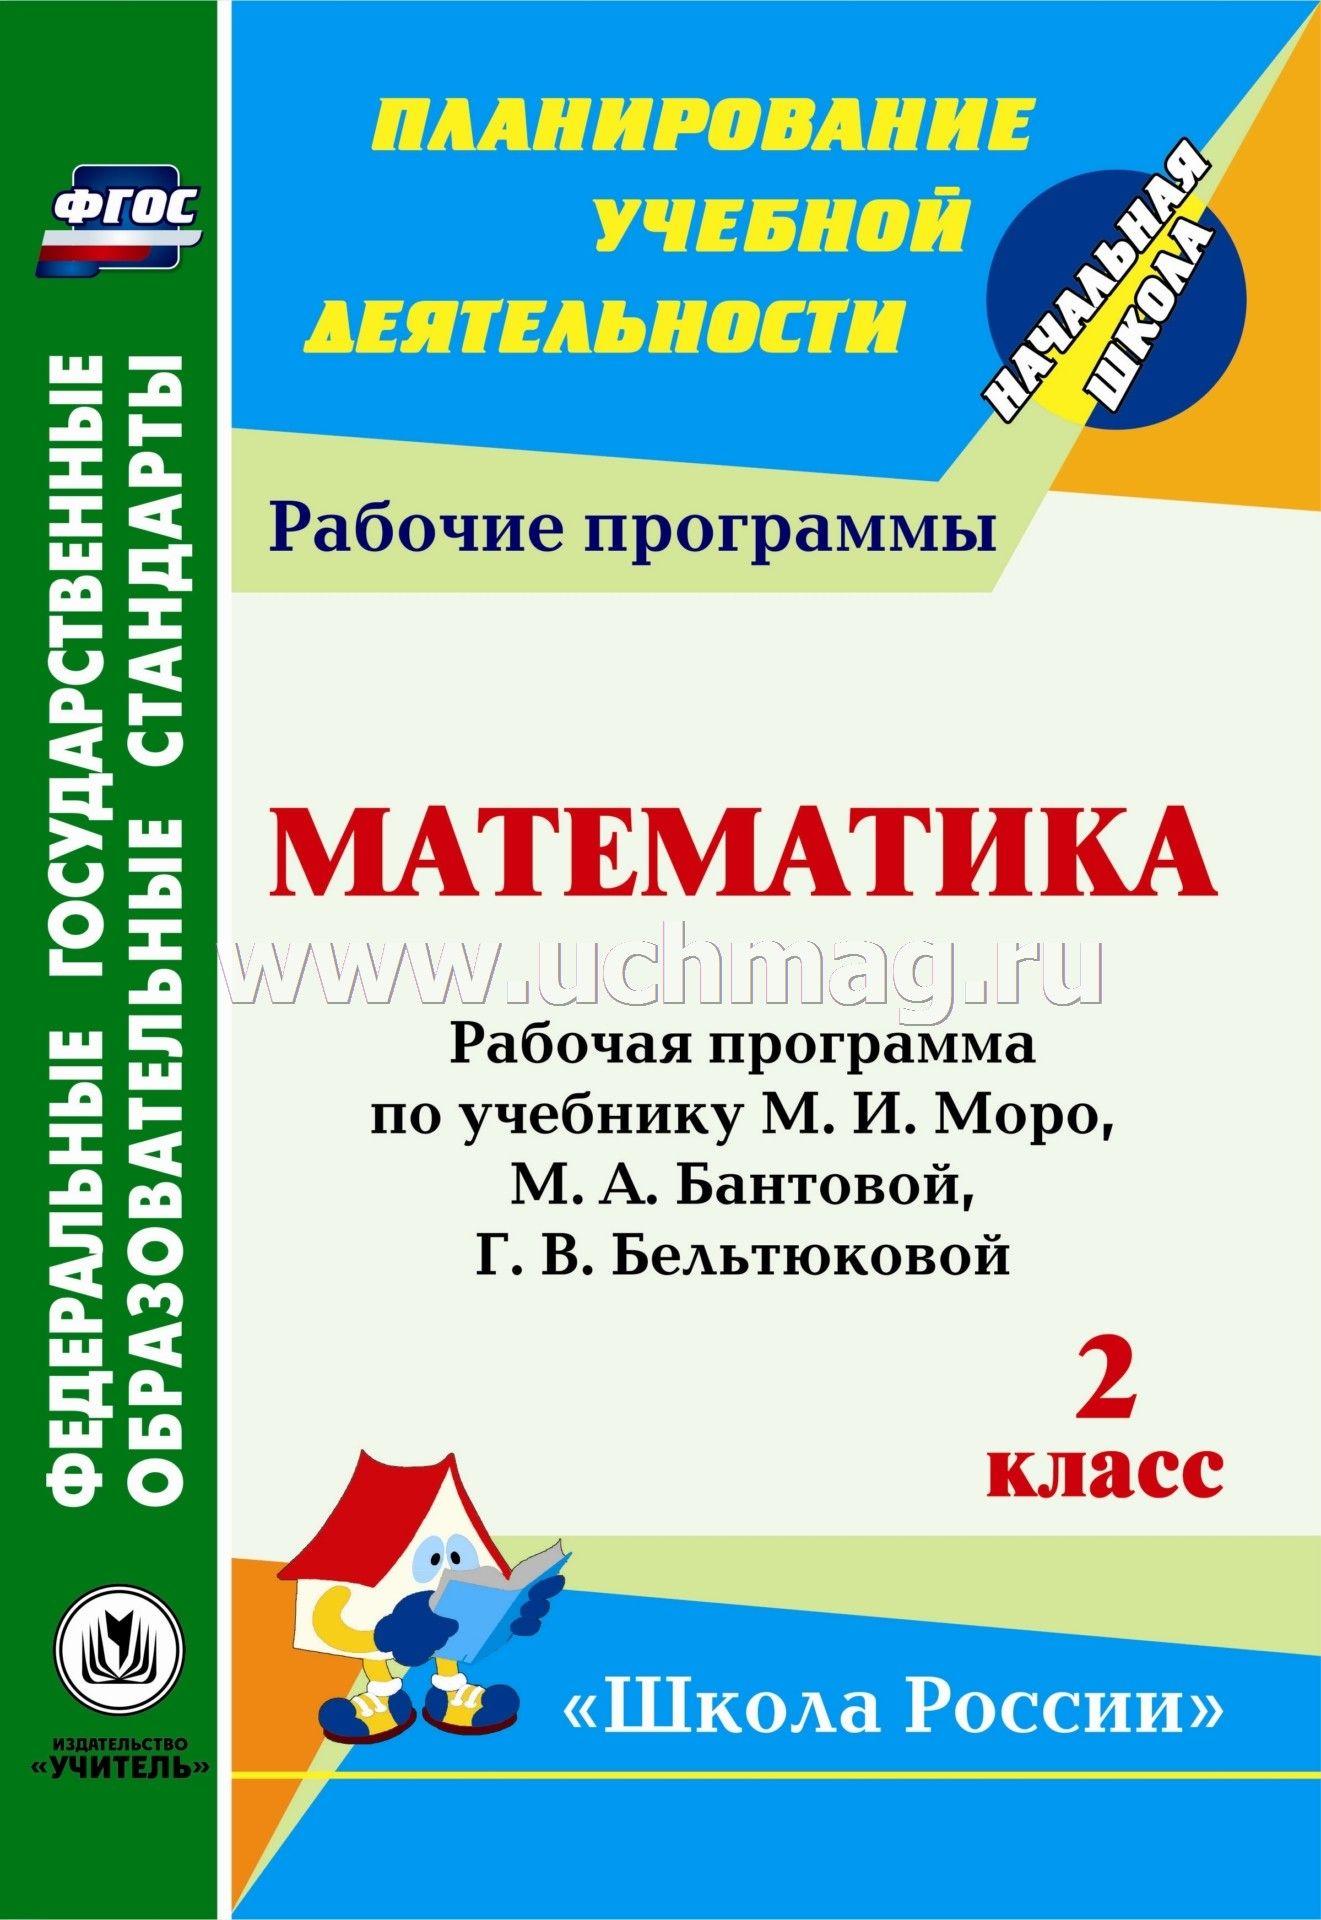 Математика 2 класс авторы м.и.моро м а.бантова г.в.бельтюкова